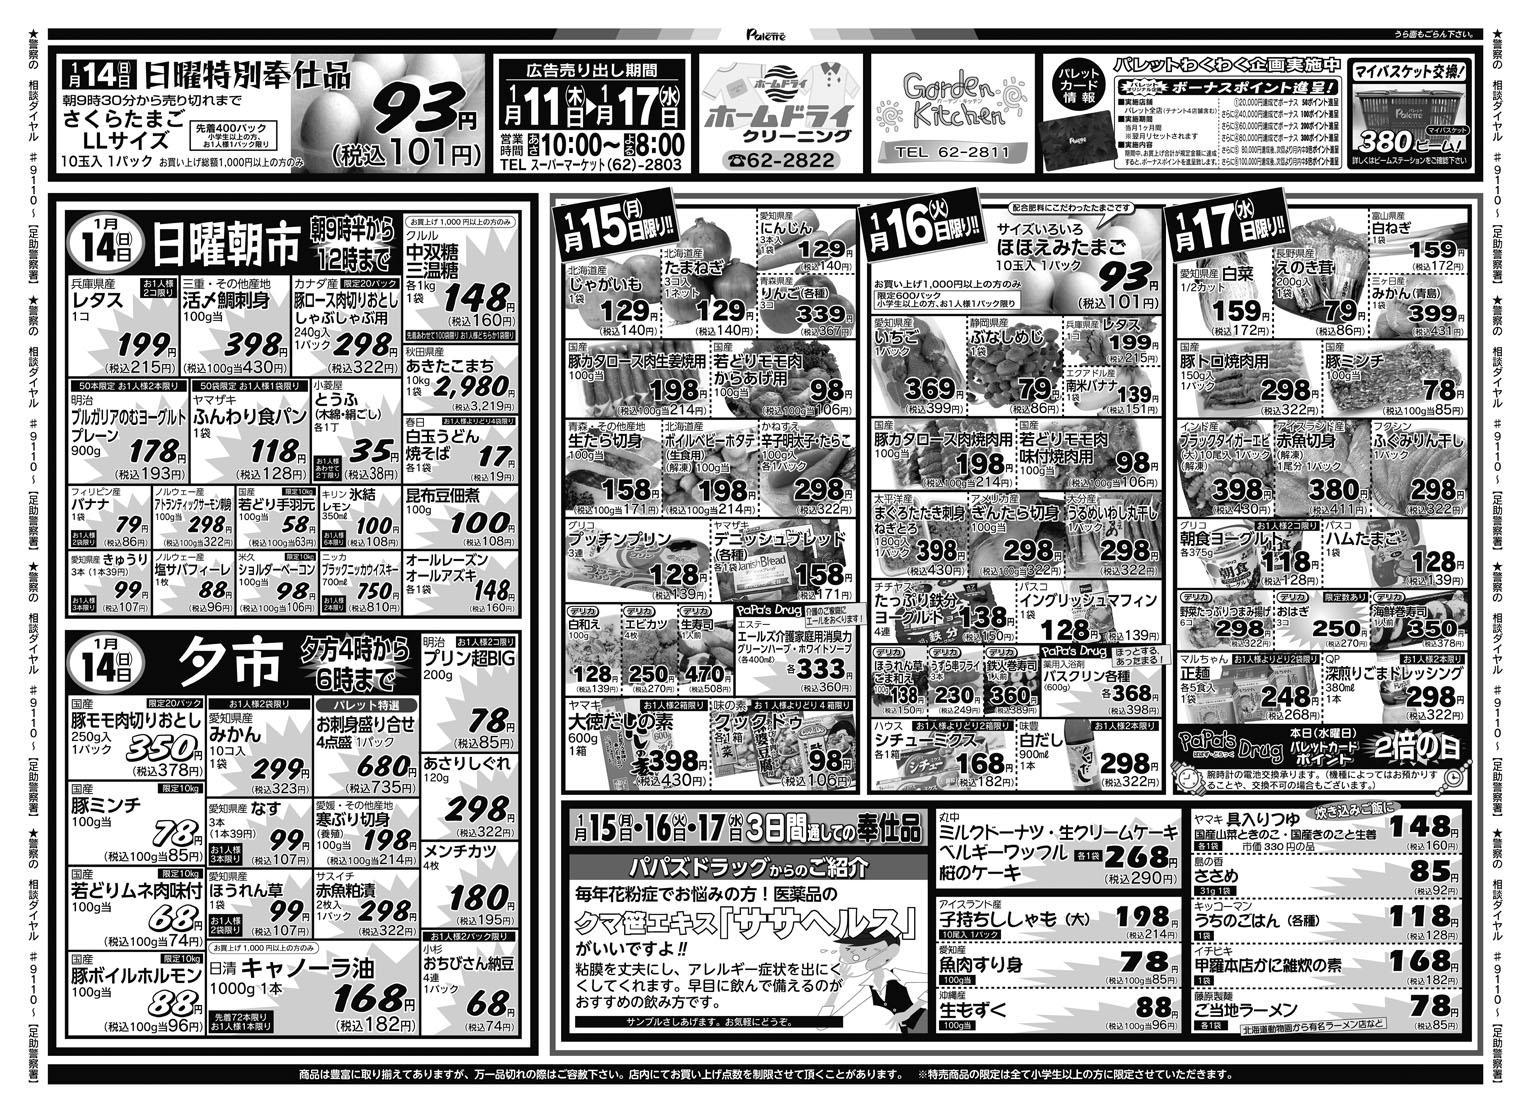 http://akibito.jp/palette/images/bdb157dec59bc1134c9f90206c091cd2e7a1810d.jpg